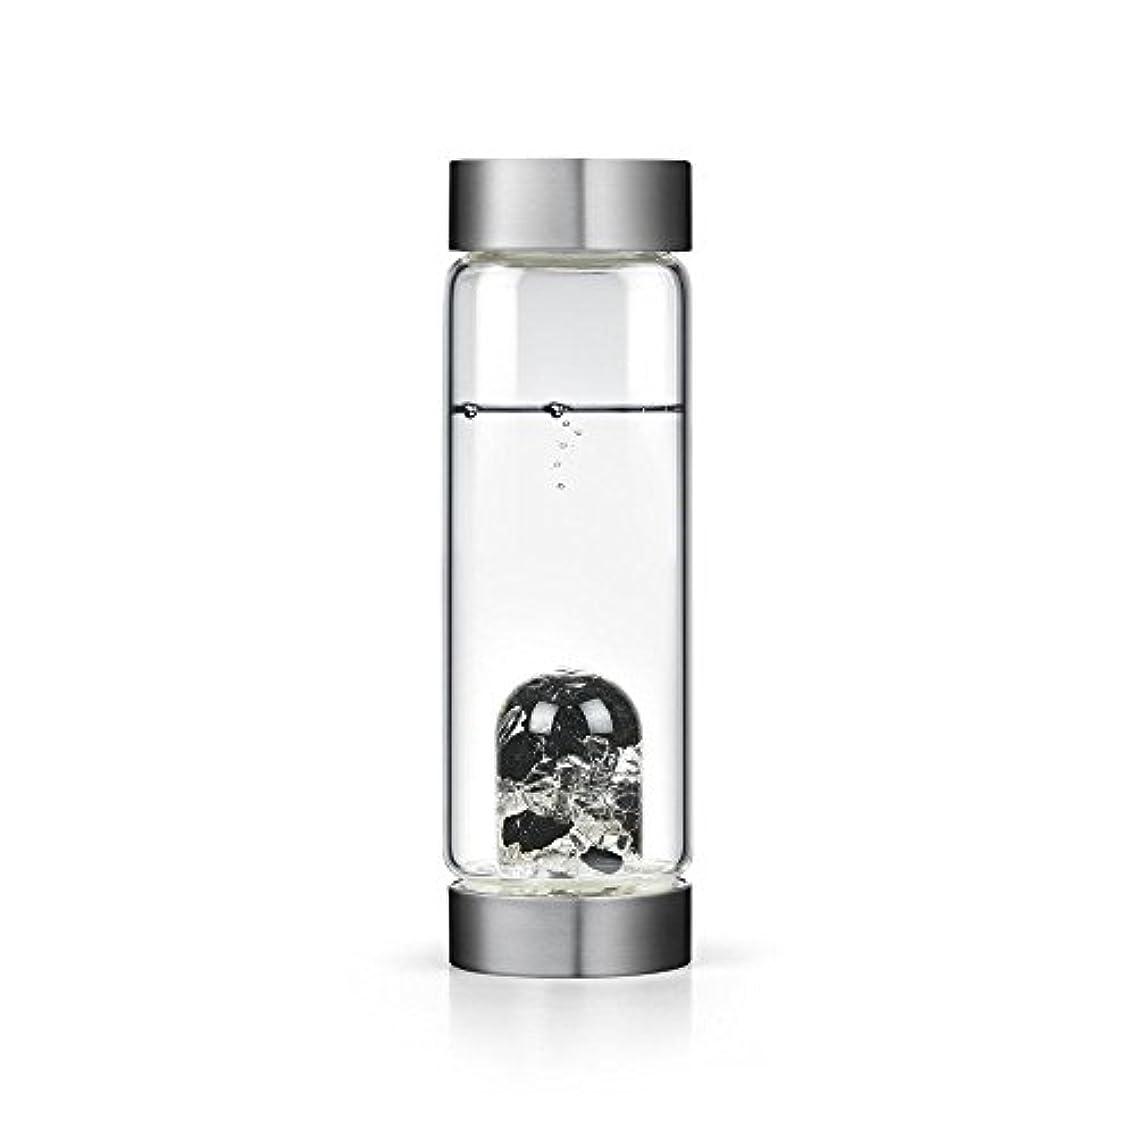 熟読する評価する火薬ビジョンクリスタルエディションgem-waterボトルby VitaJuwel W / Freeカリフォルニアホワイトセージバンドル 16.9 fl oz